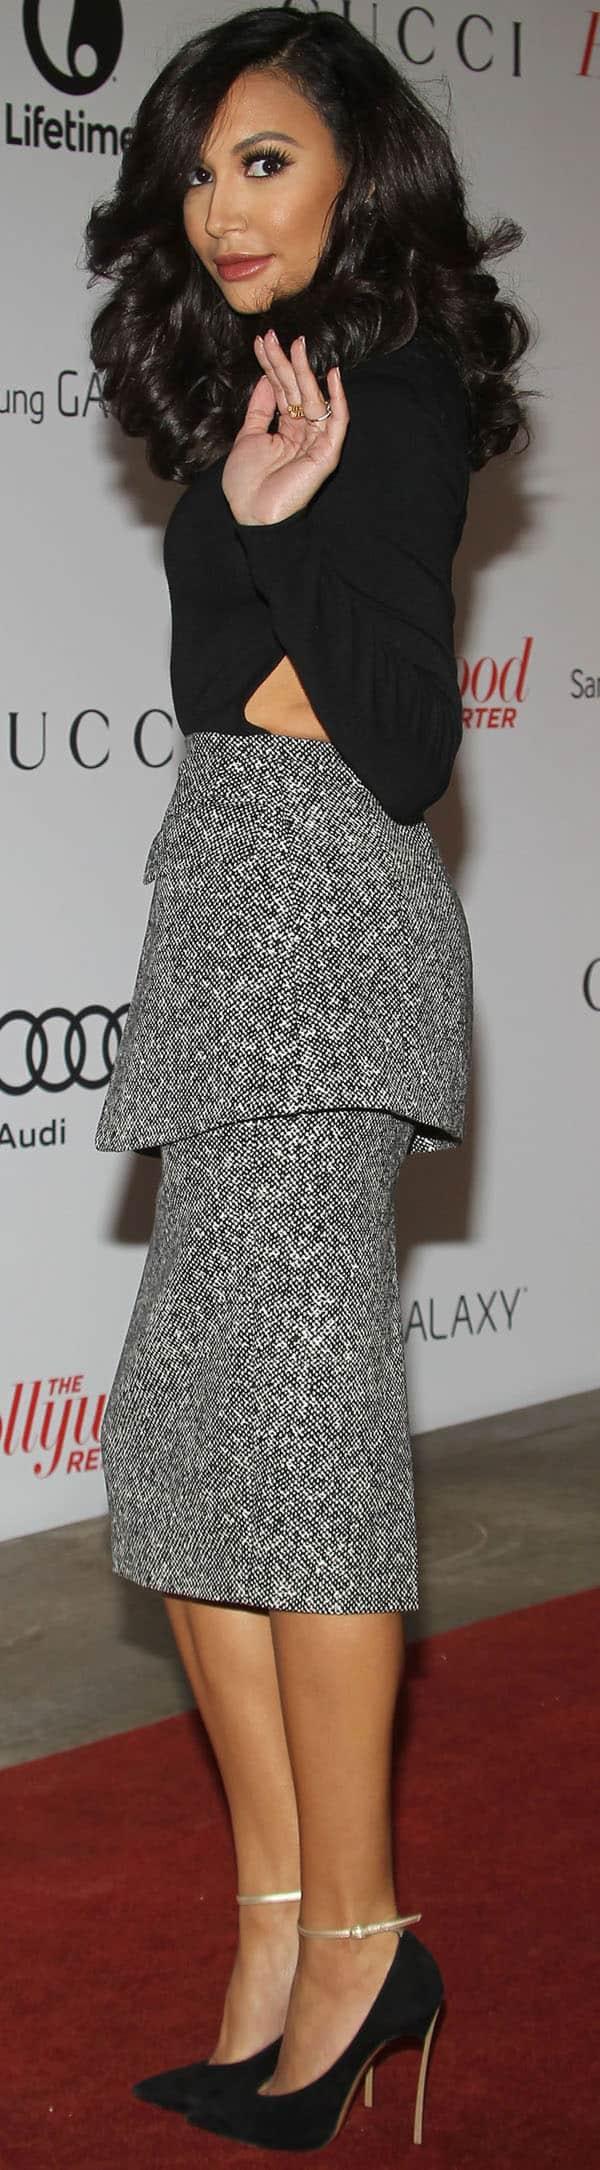 Naya Rivera wearing Marina B jewelry